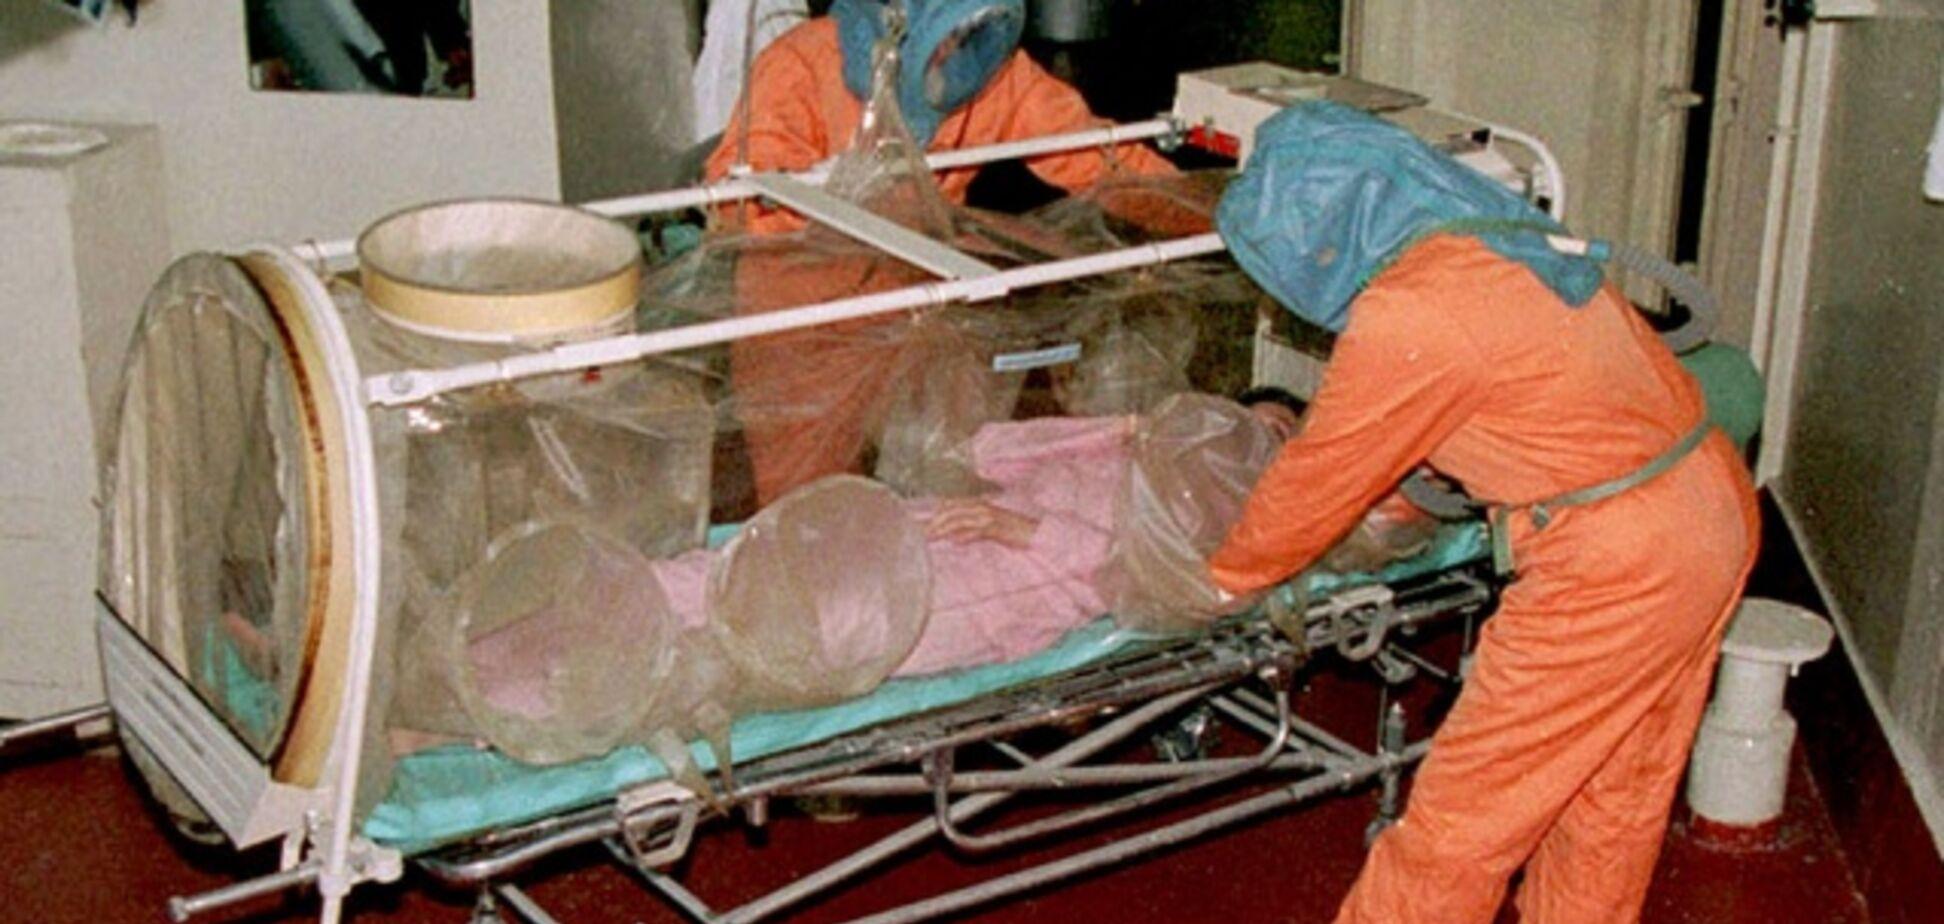 Від чуми до сибірки: в Україні можуть прокинутися найнебезпечніші захворювання